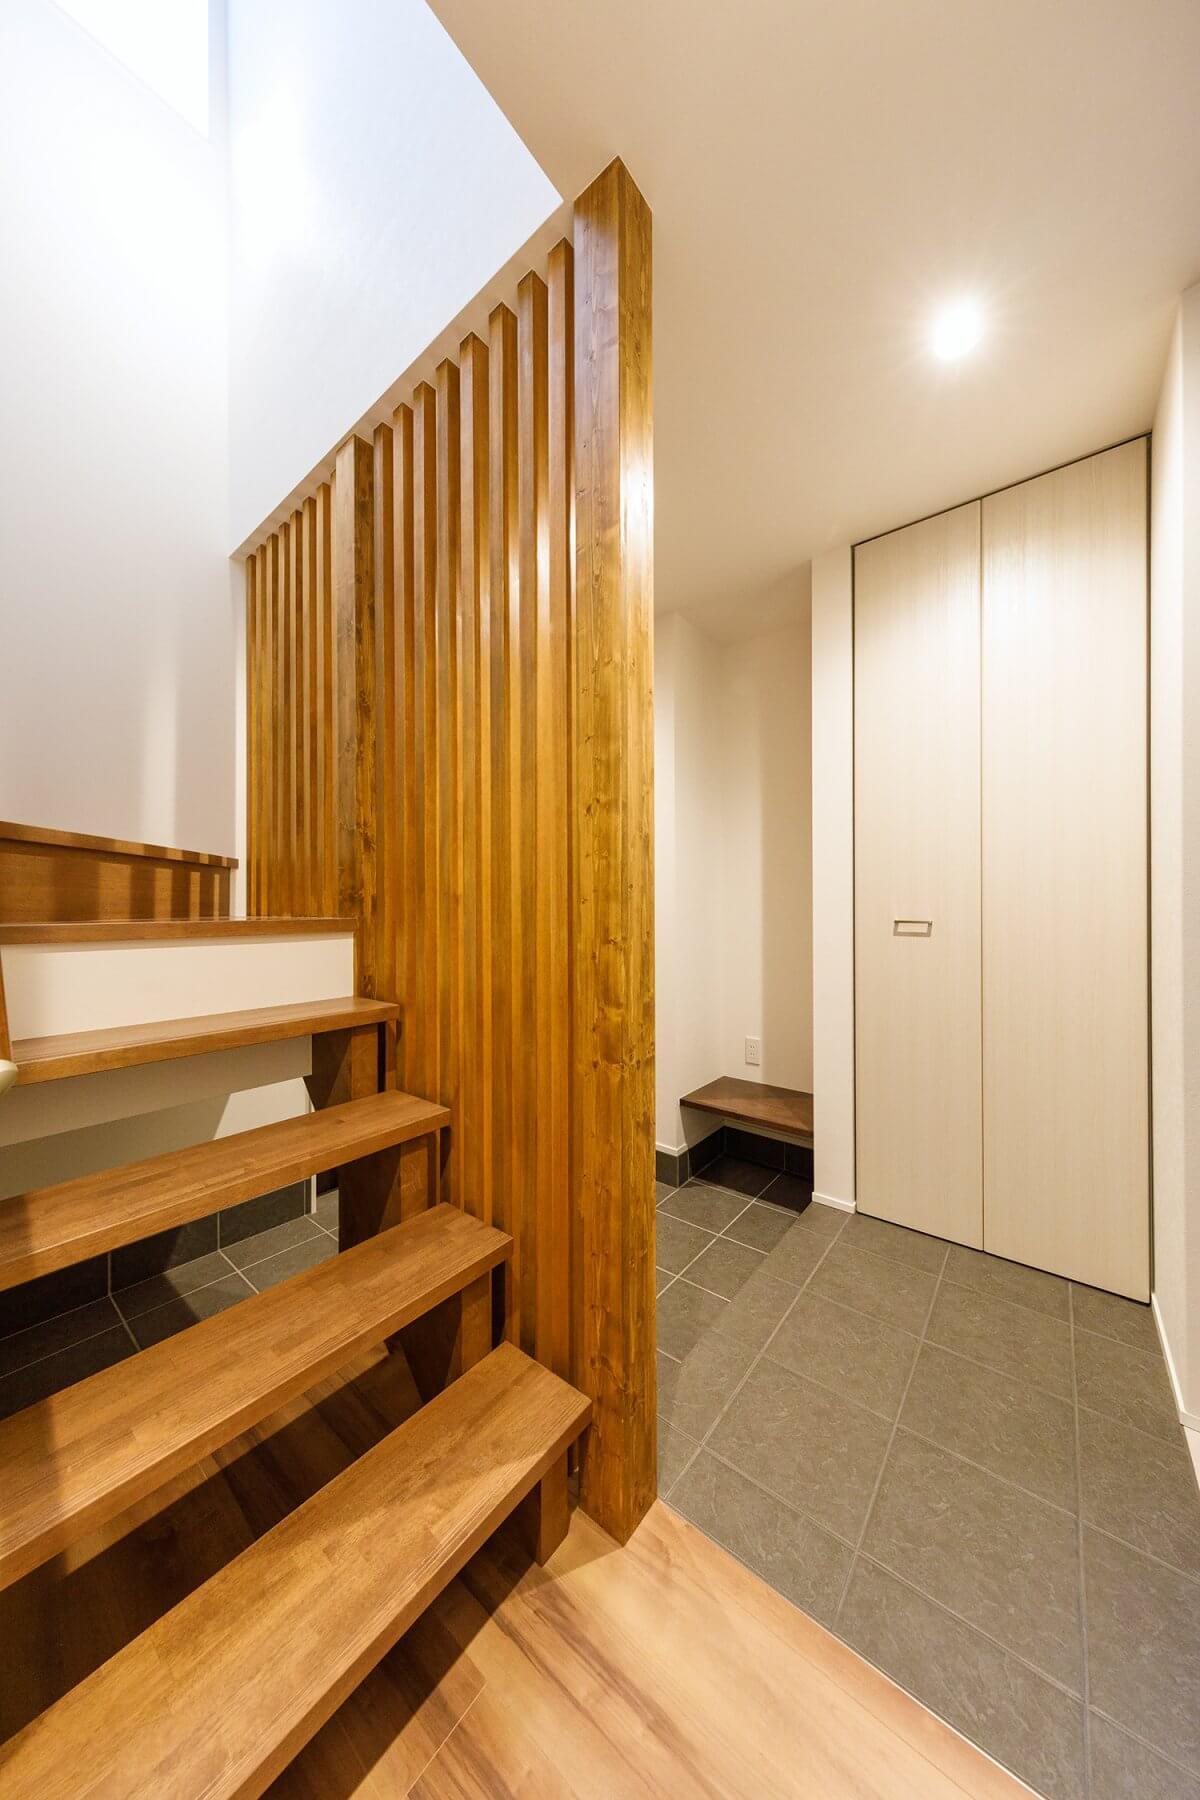 一部タイル貼りにした、土間のような雰囲気がある玄関。階段下をあえてふさがずオープンにしたり、壁ではなく光が抜ける縦格子を採用するなど、限られた空間でも視線が抜けるように工夫。面積以上に広く感じることができるように設計しました。